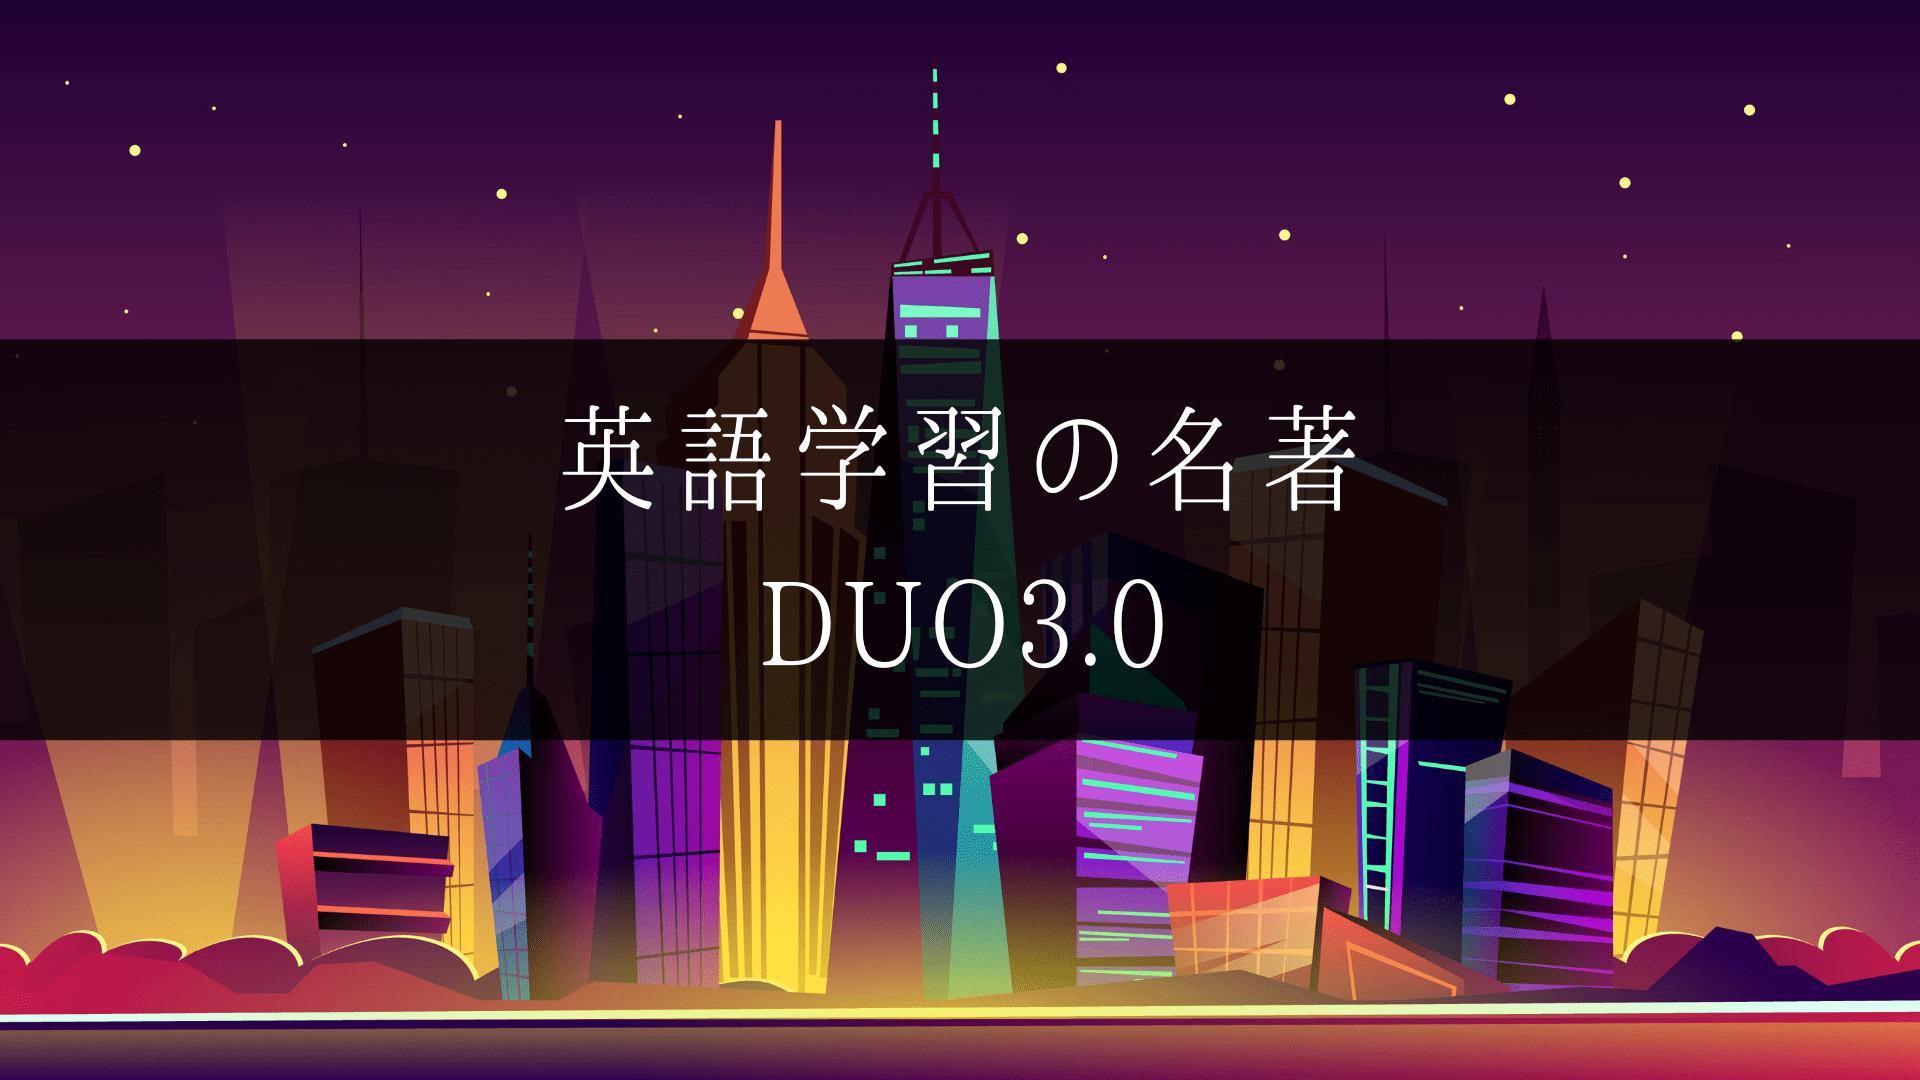 復習用CDを使ってDUO3.0を100周でほぼ完璧にする効率的勉強法